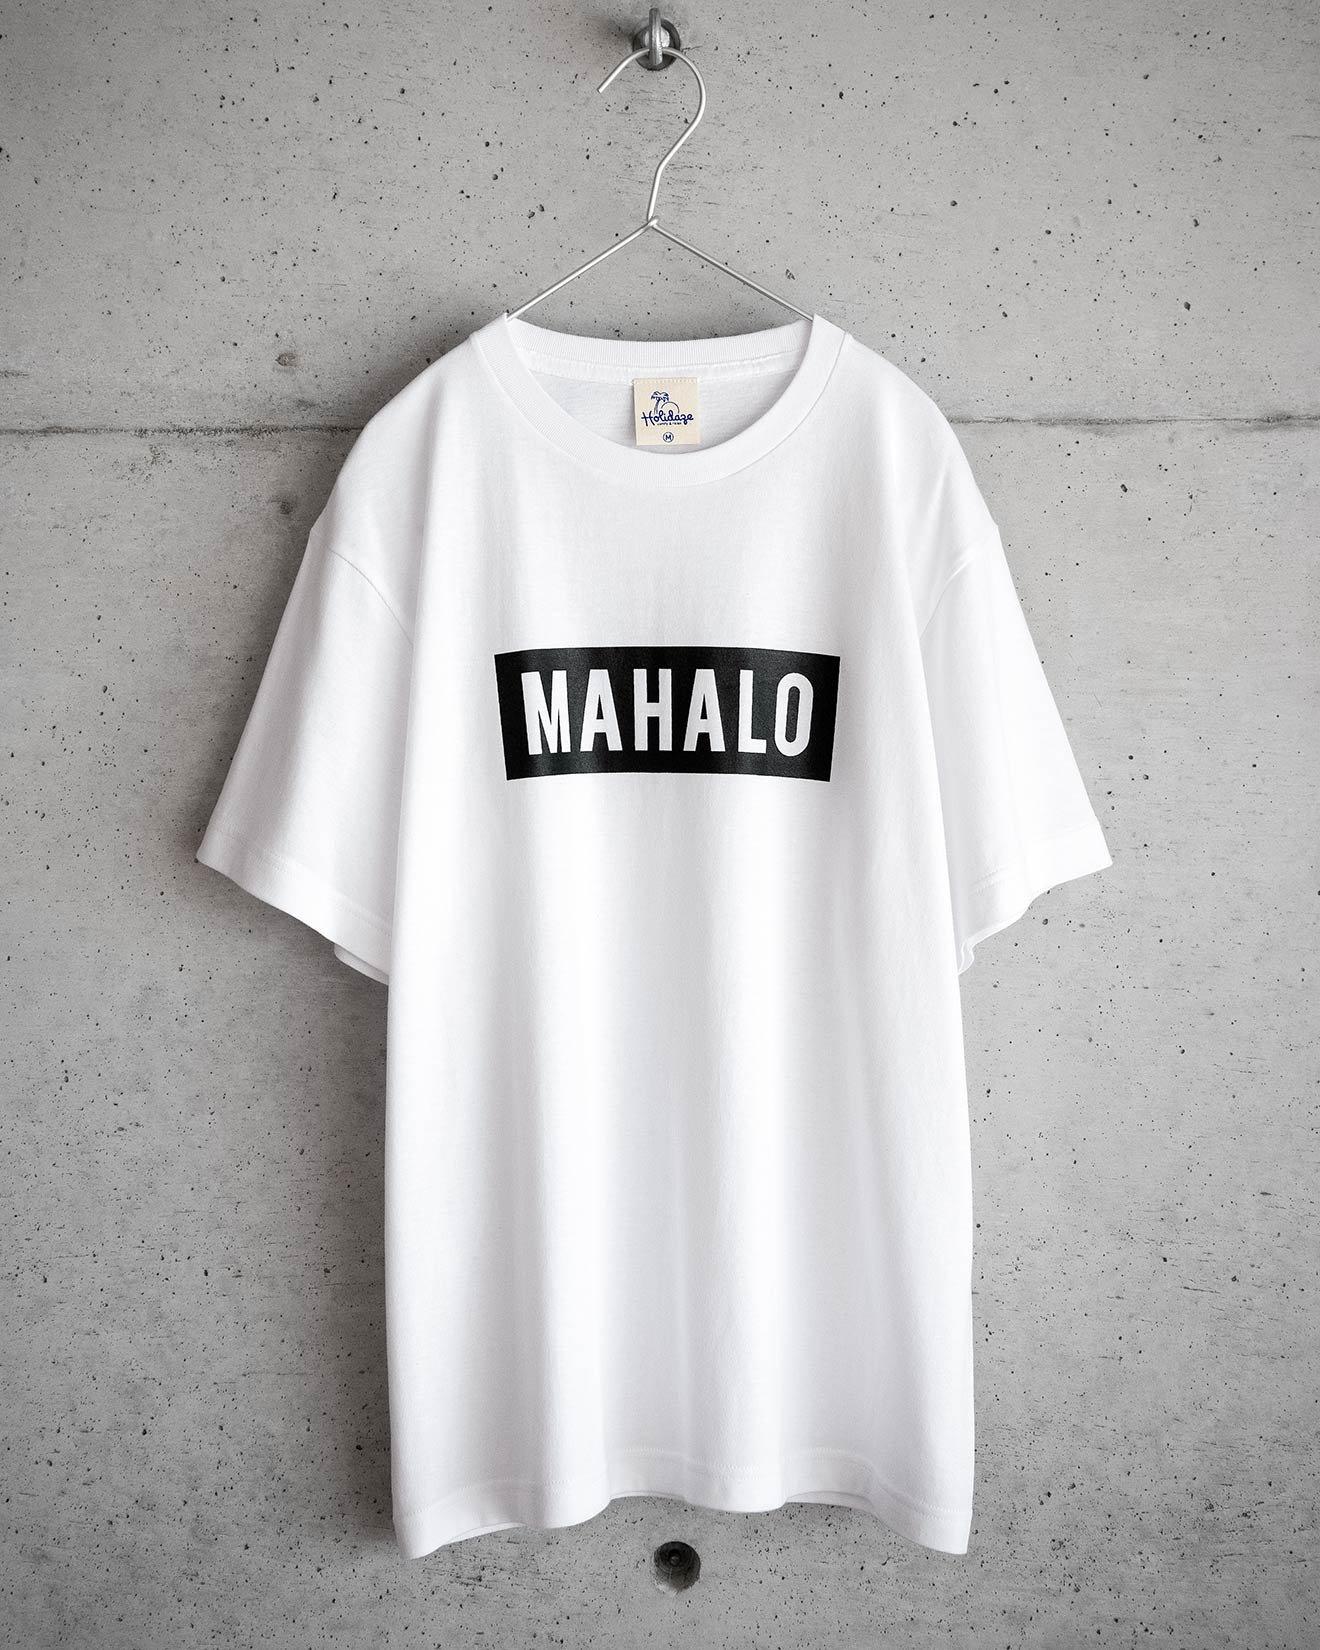 ホリデイズのサーフ系 MAHALO BOX LOGO Tシャツ